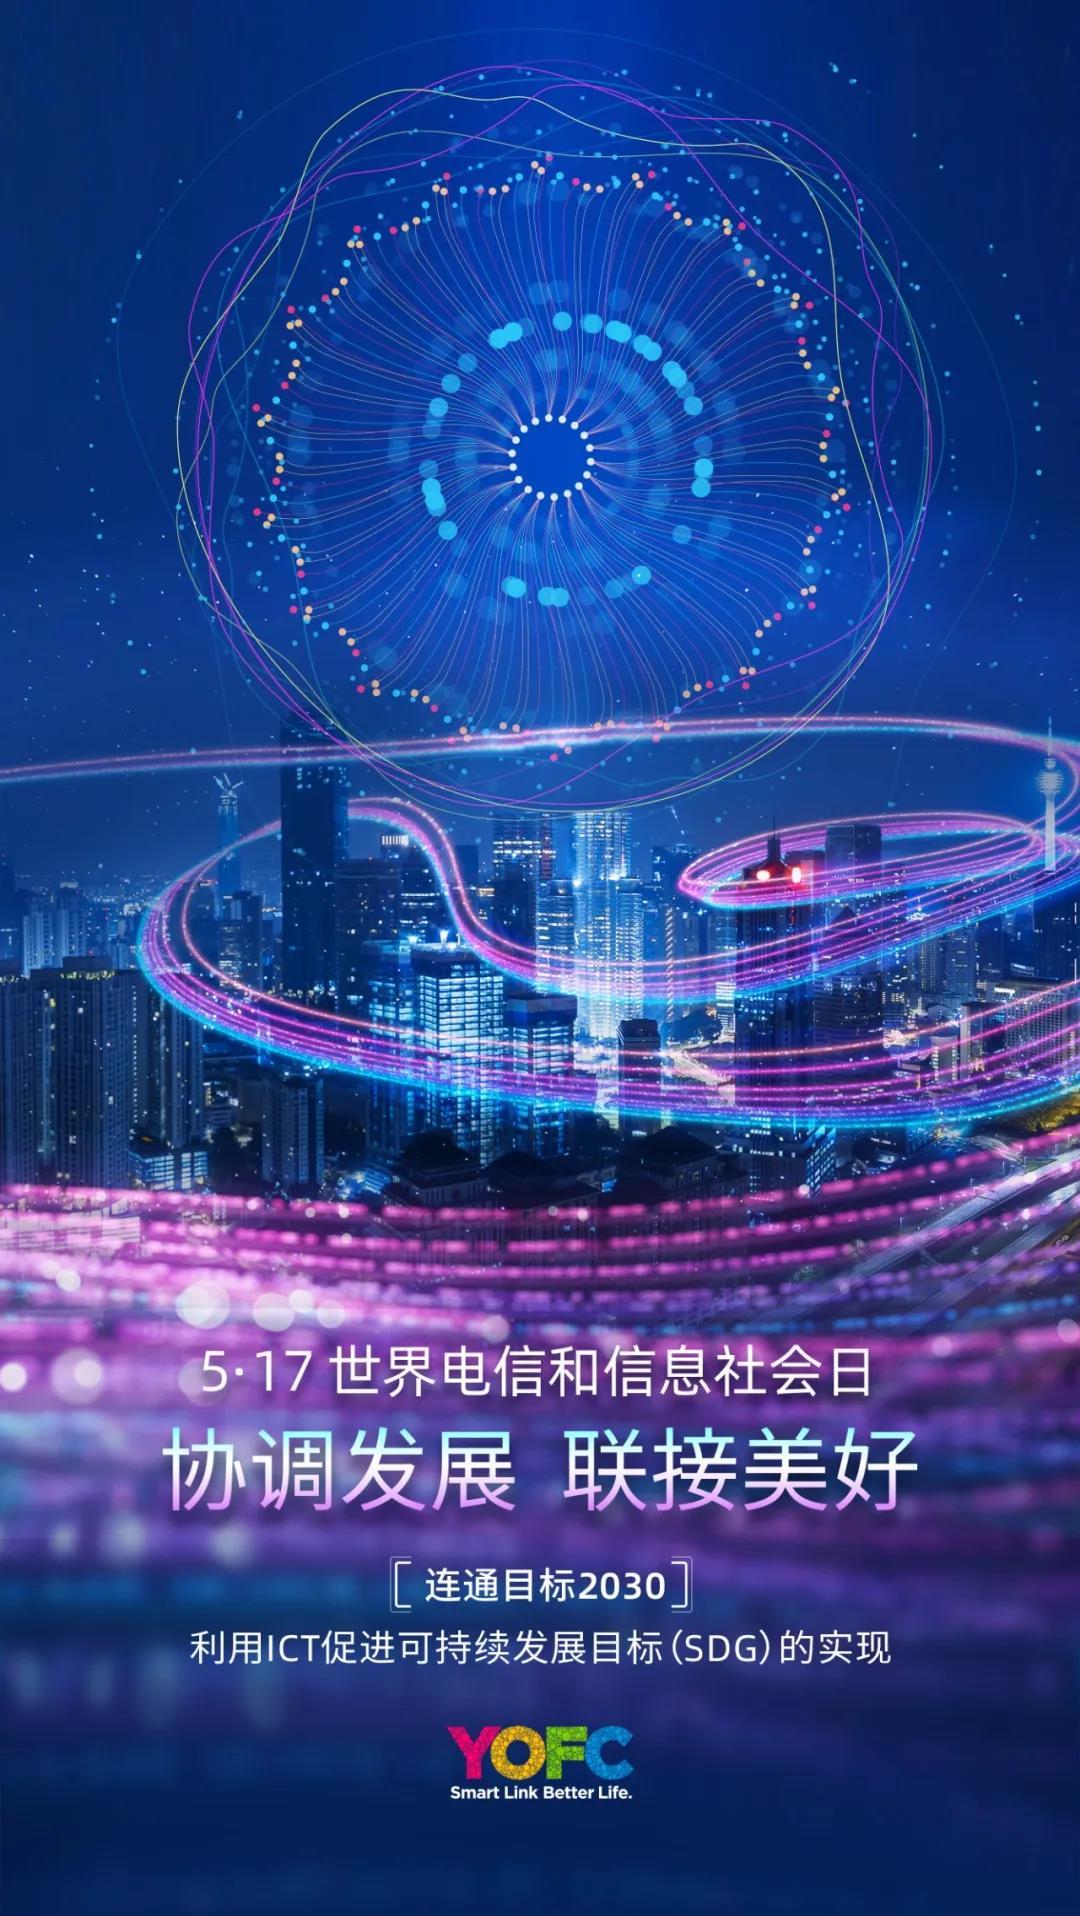 世界电信日:长飞加速5G深入布局 联接美好未来